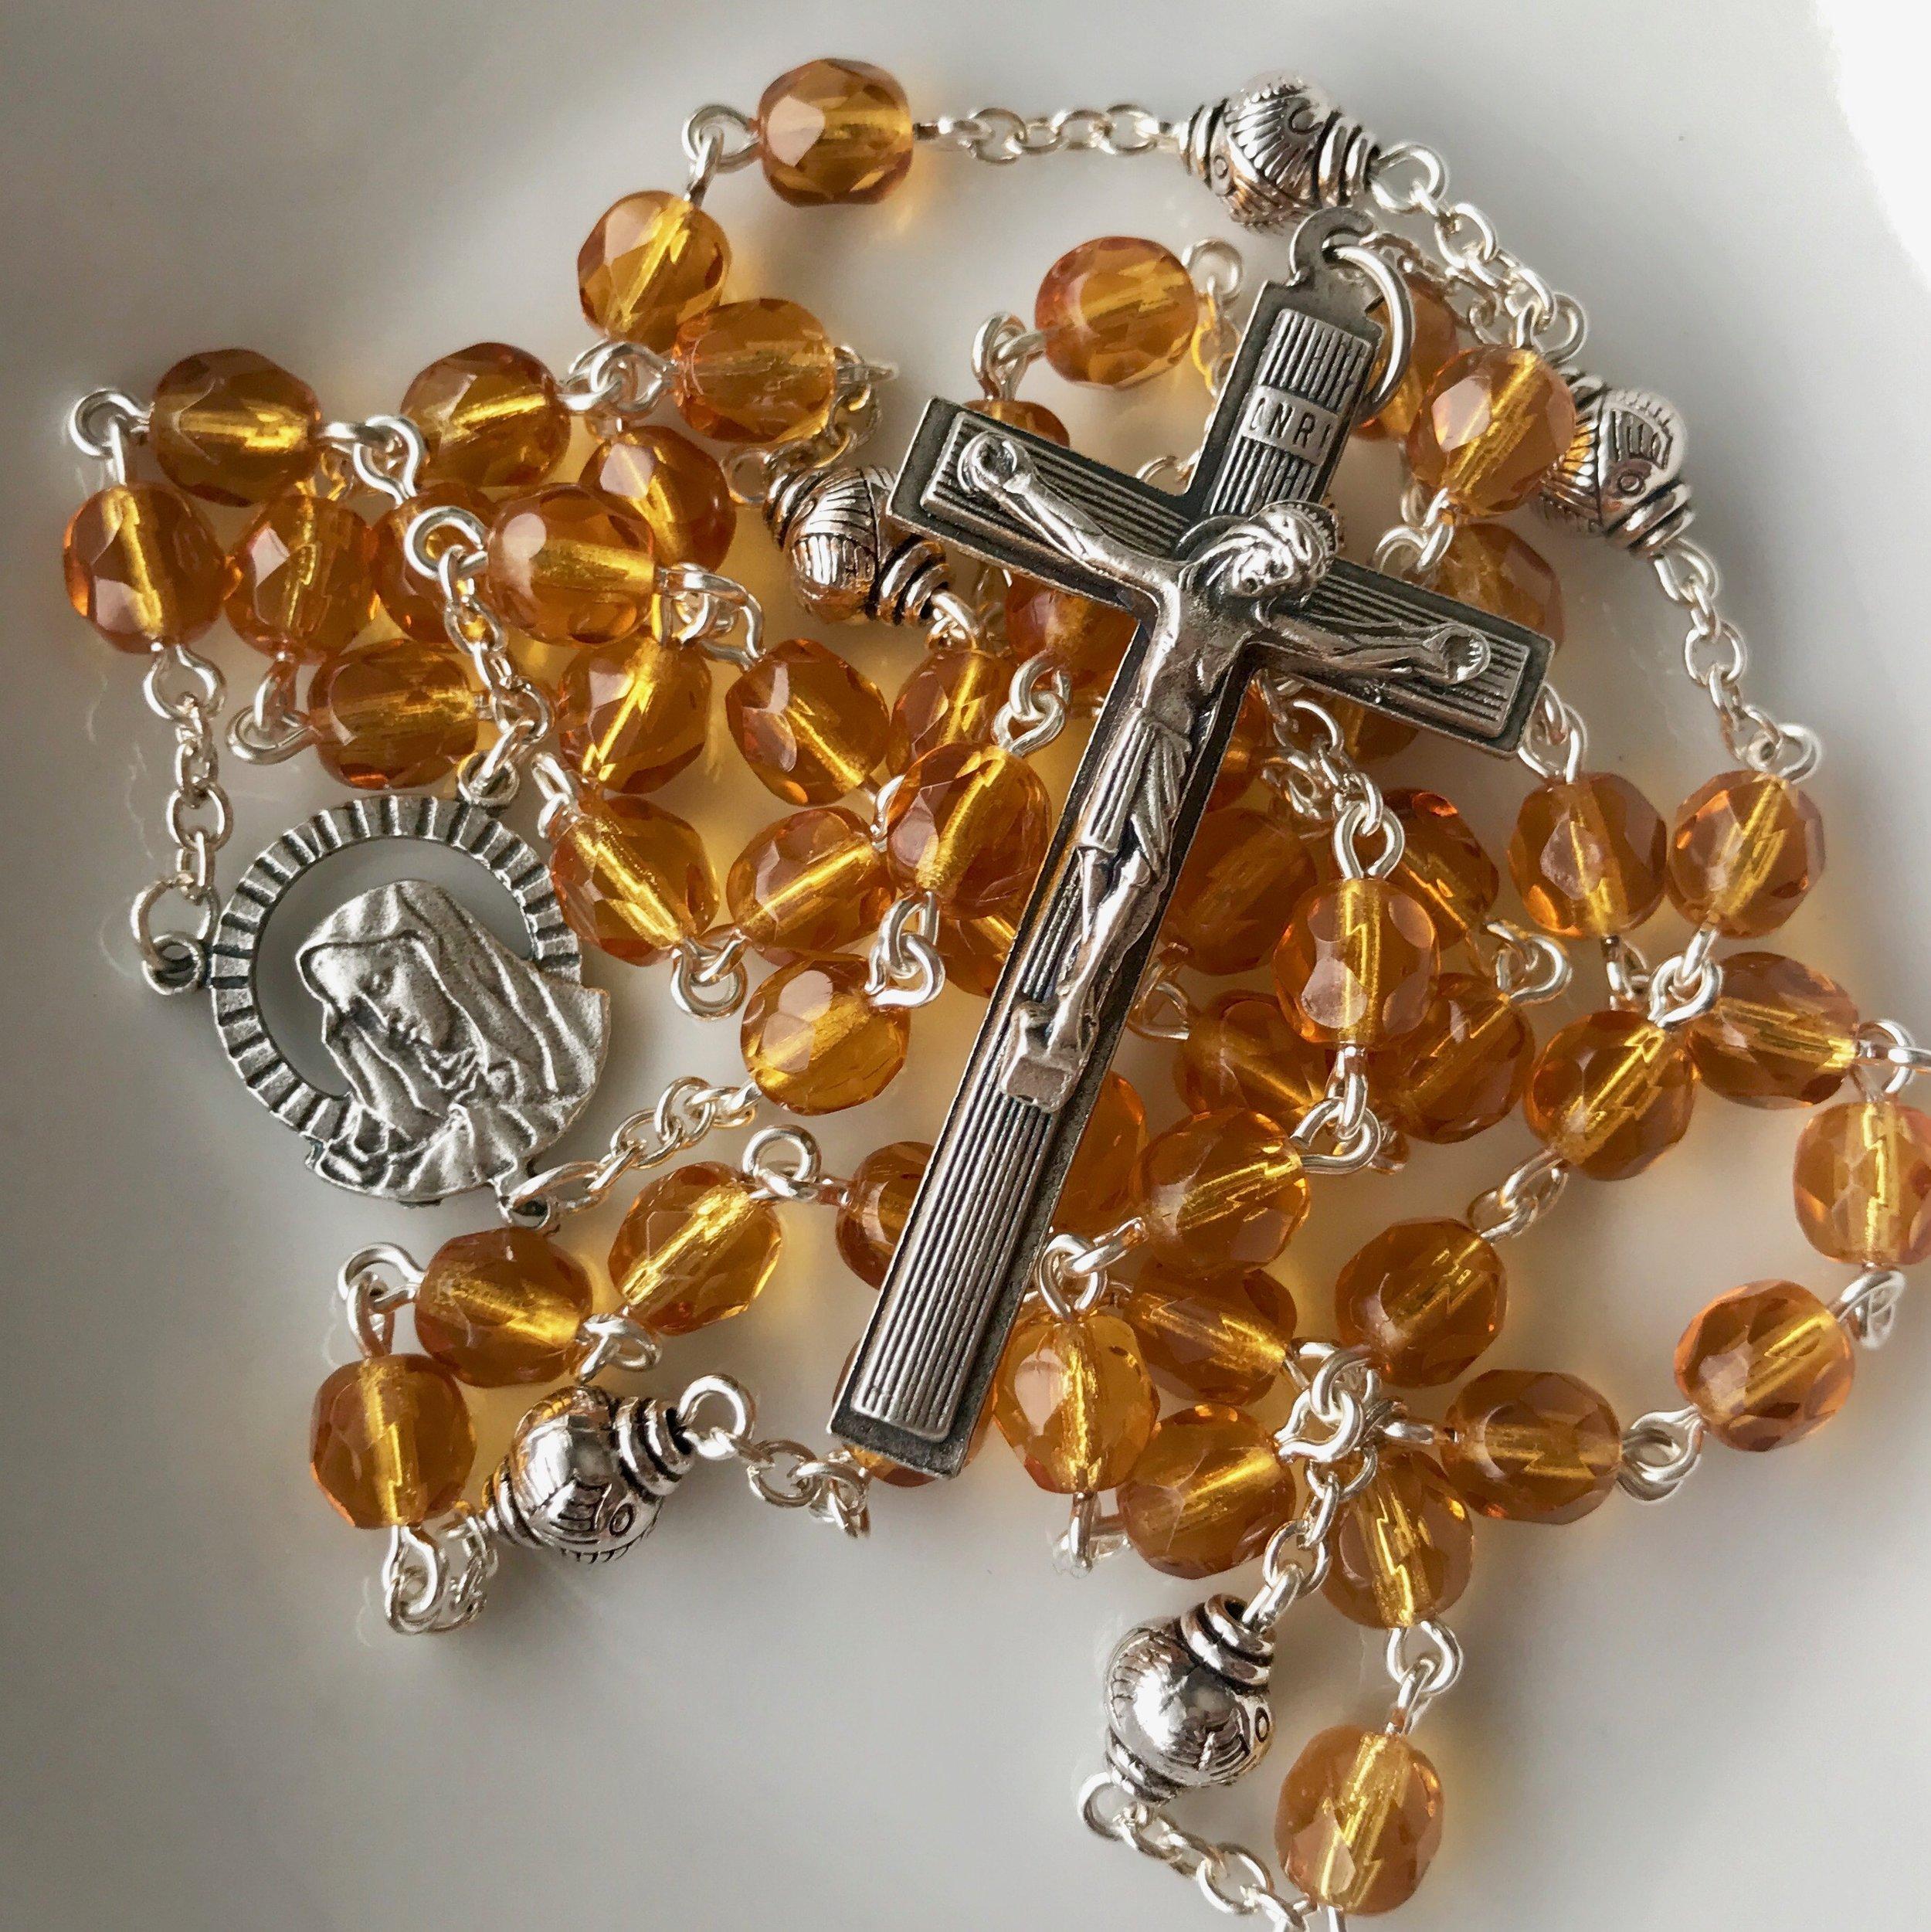 Seven Sorrows Rosary - $25